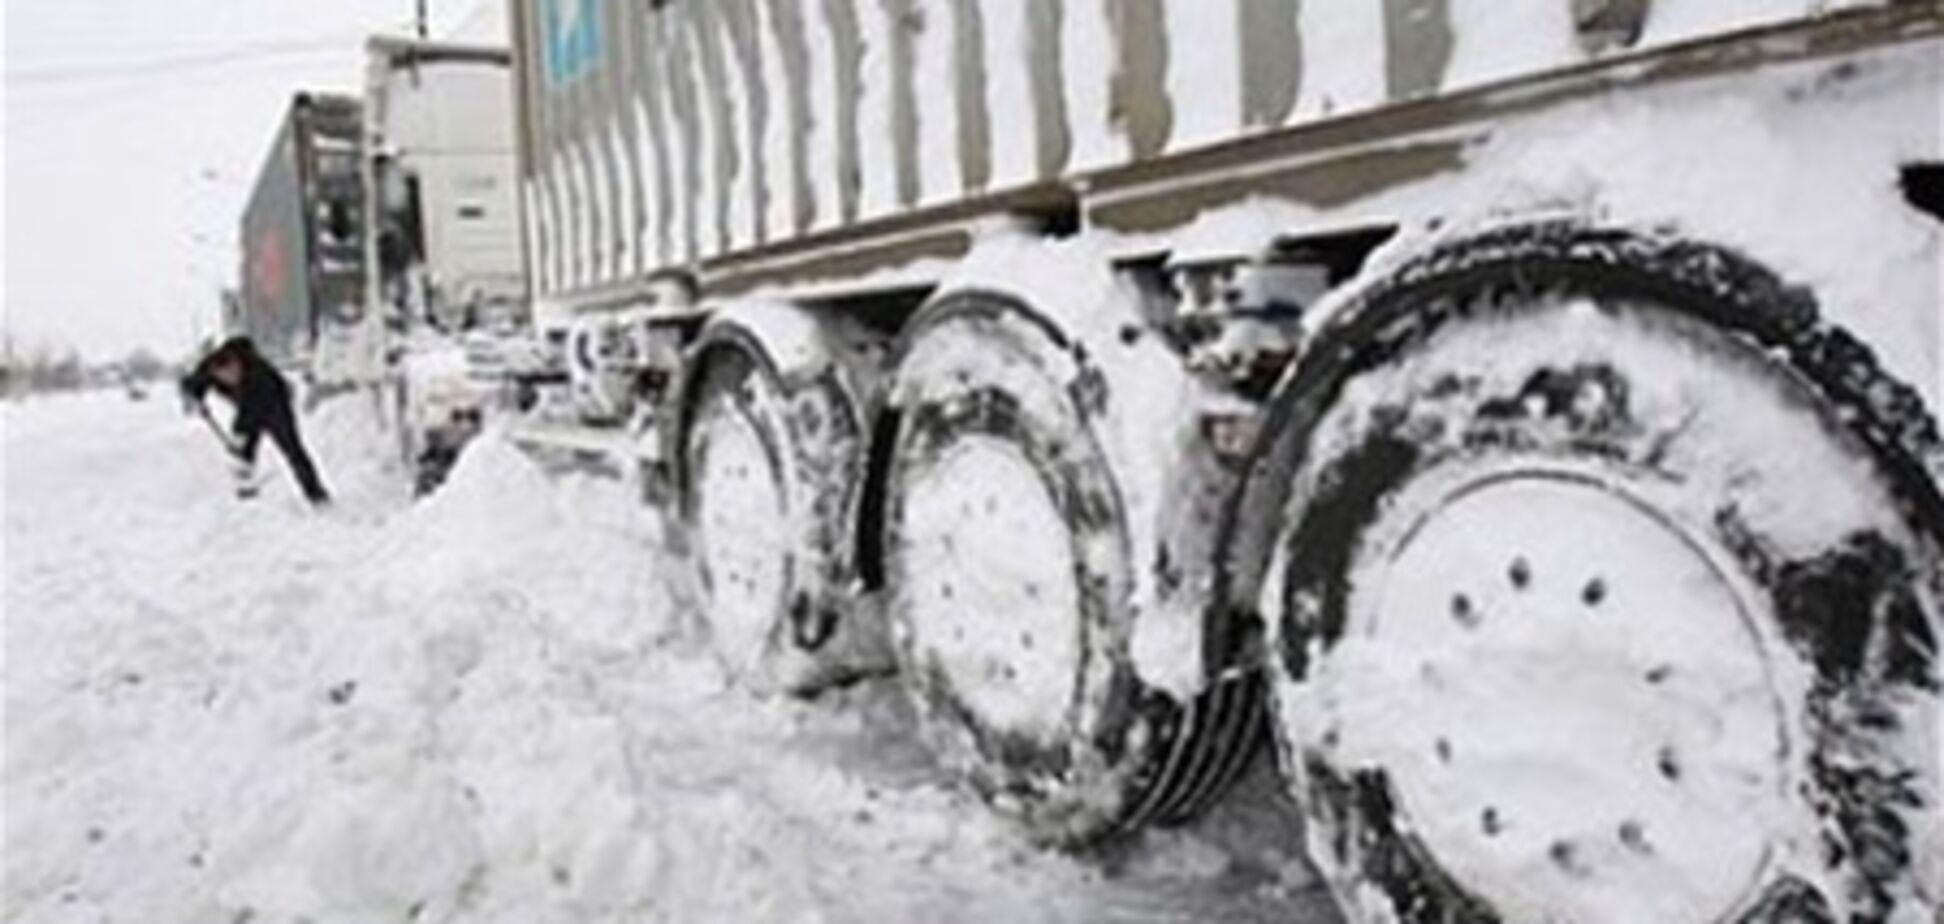 Дорожники устроили 'обстрел' машин снегом. Видео